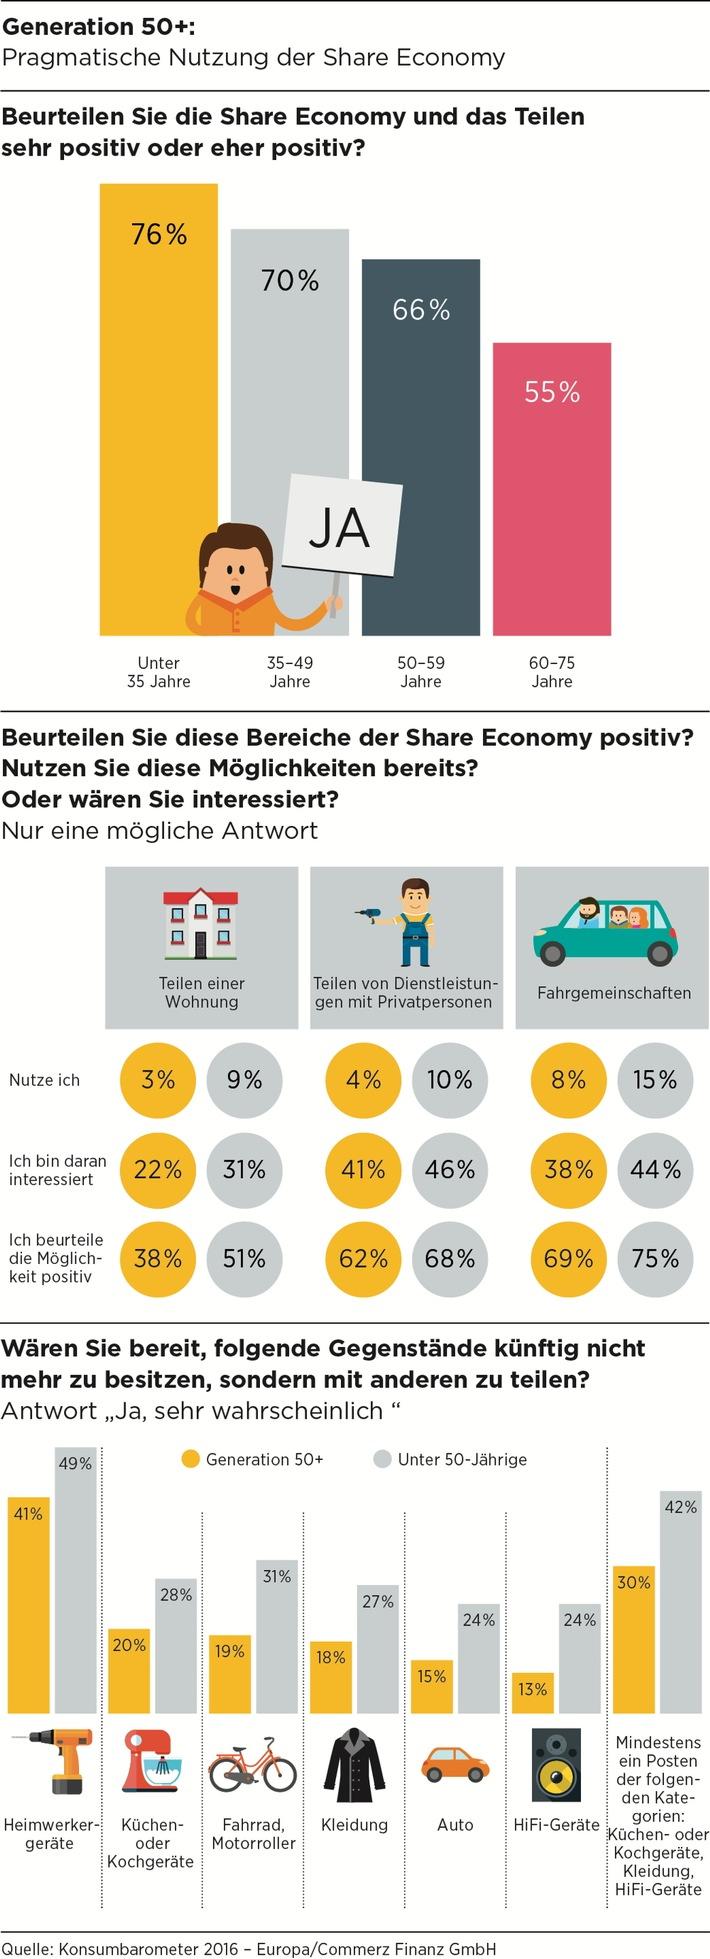 (Studie) Konsumbarometer 2016: Share Economy - Generation 50+ wagt sich heran